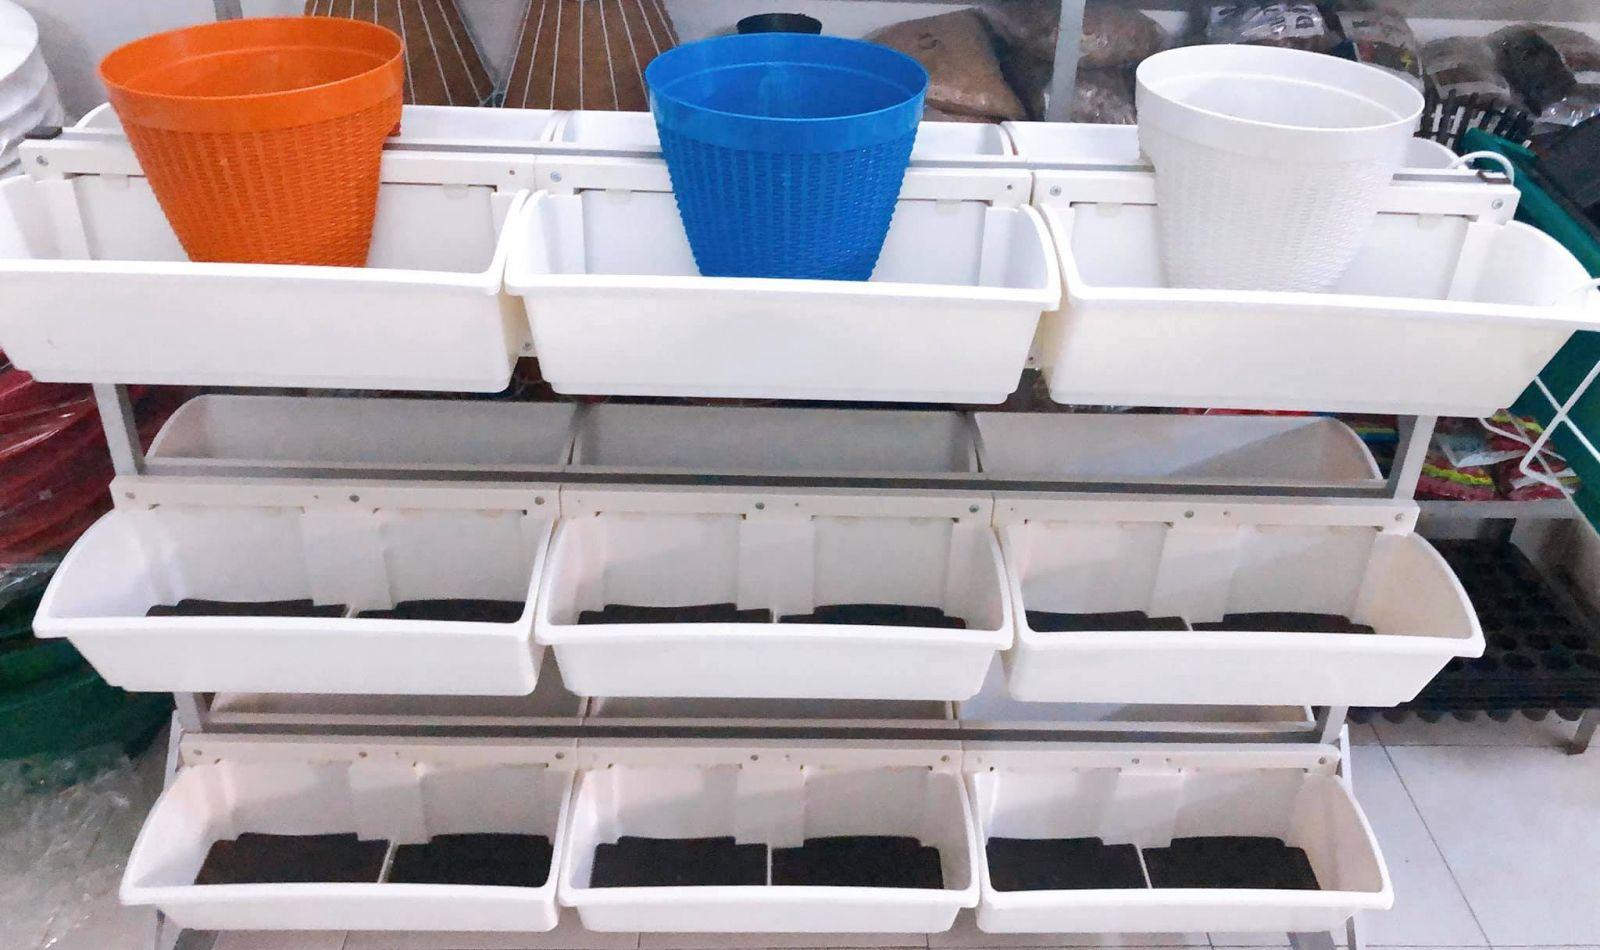 Giàn trồng rau di động Quang Anh HCM giá rẻ, phù hợp với mọi nhà